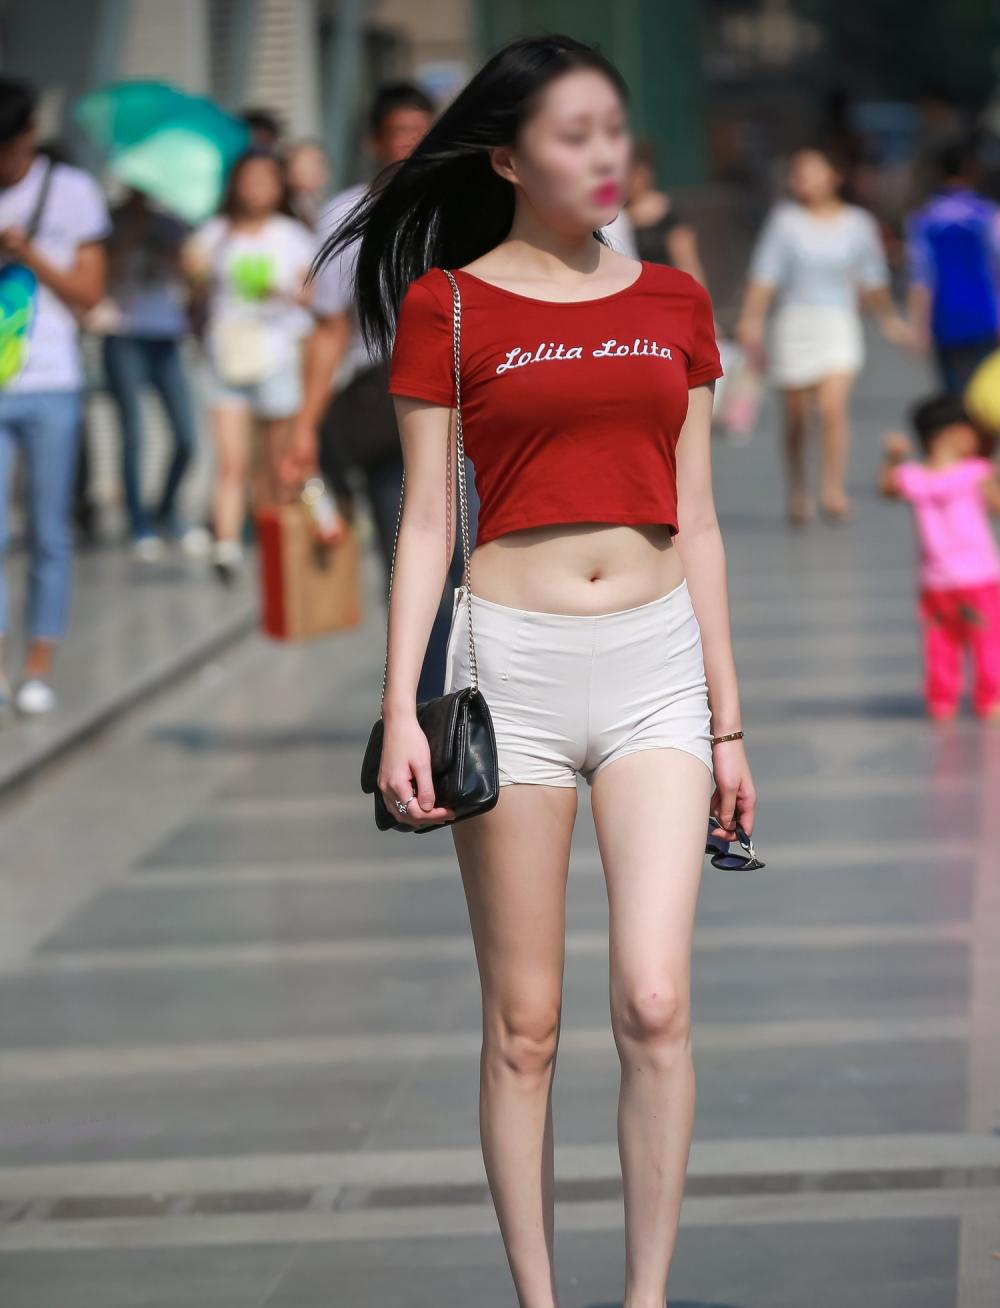 简约短裤, 妹子穿出时尚感